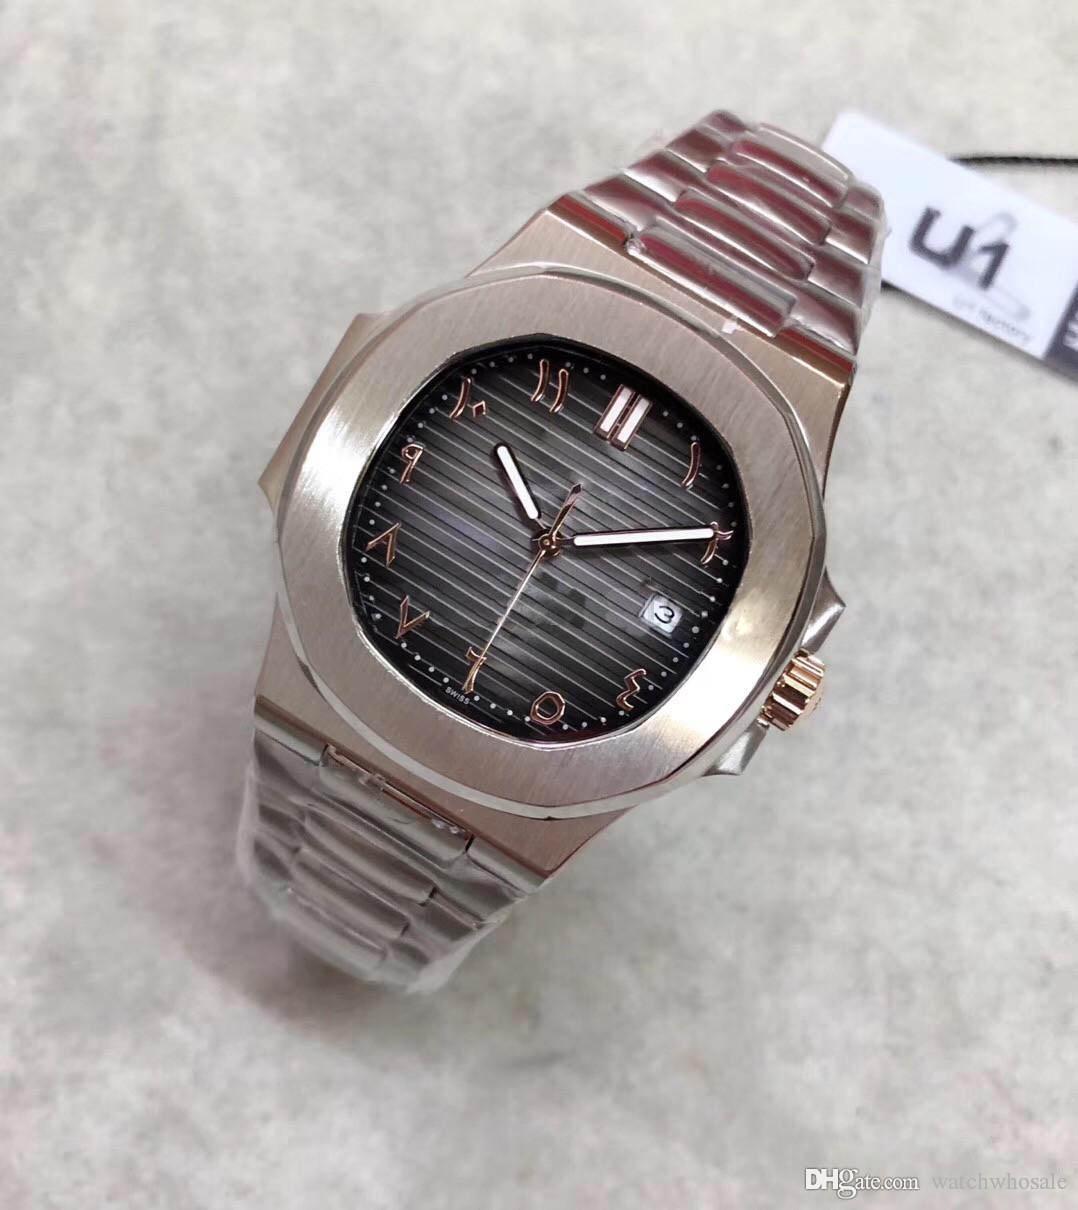 Islámico reloj automático digital 40 mm de alta calidad 5711 reloj de acero inoxidable 316L correa de cuero de cristal de zafiro venta caliente